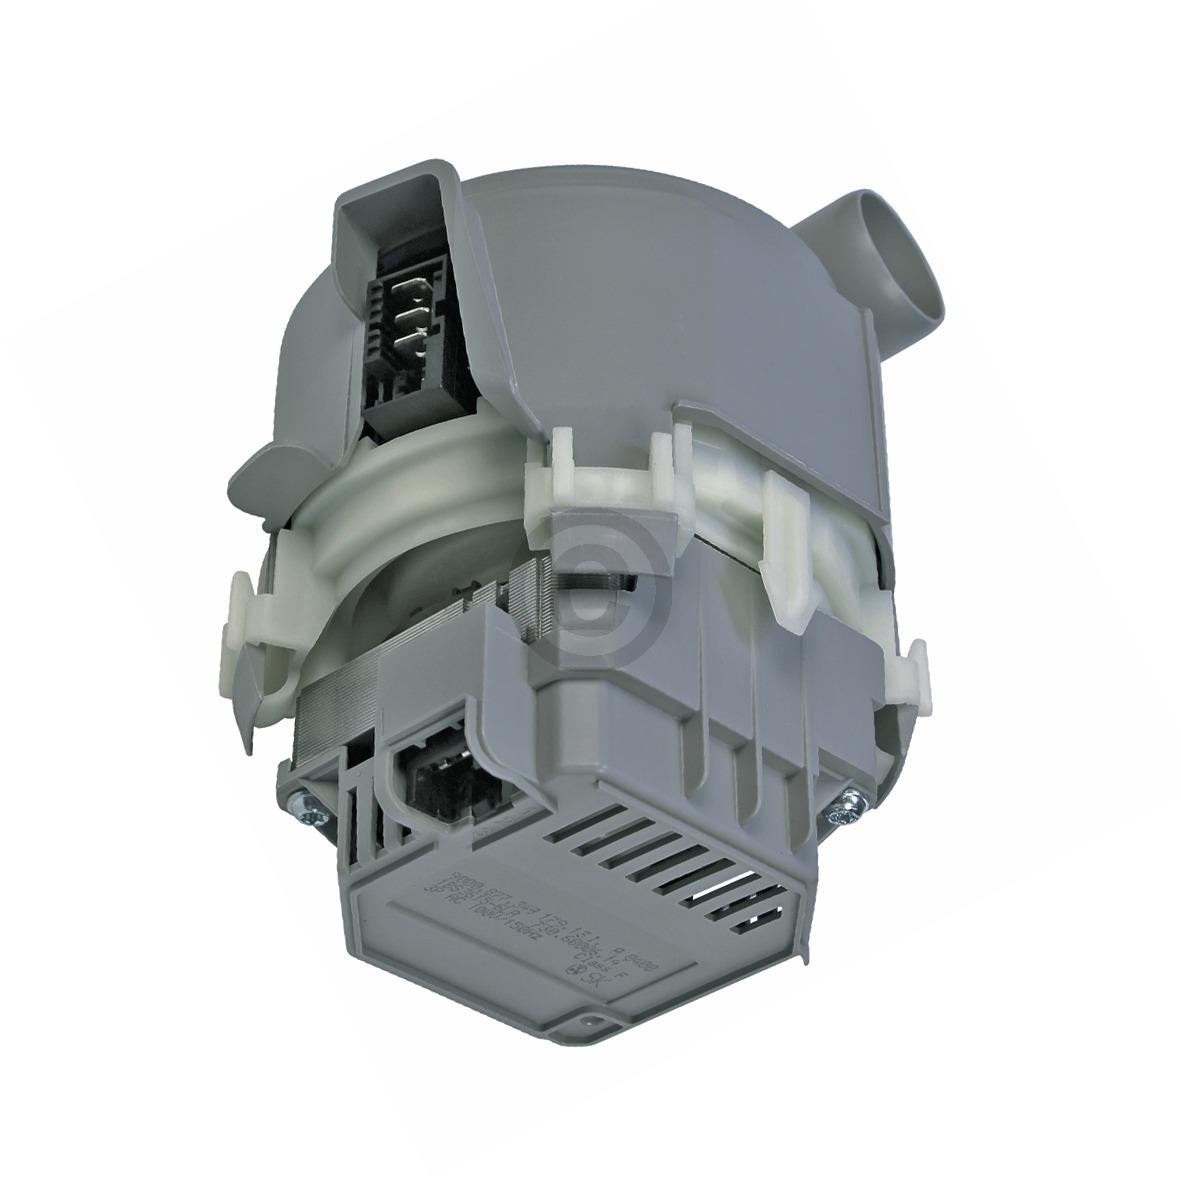 Heizpumpe 00651956 651956 Bosch, Siemens, Neff, Küppersbusch